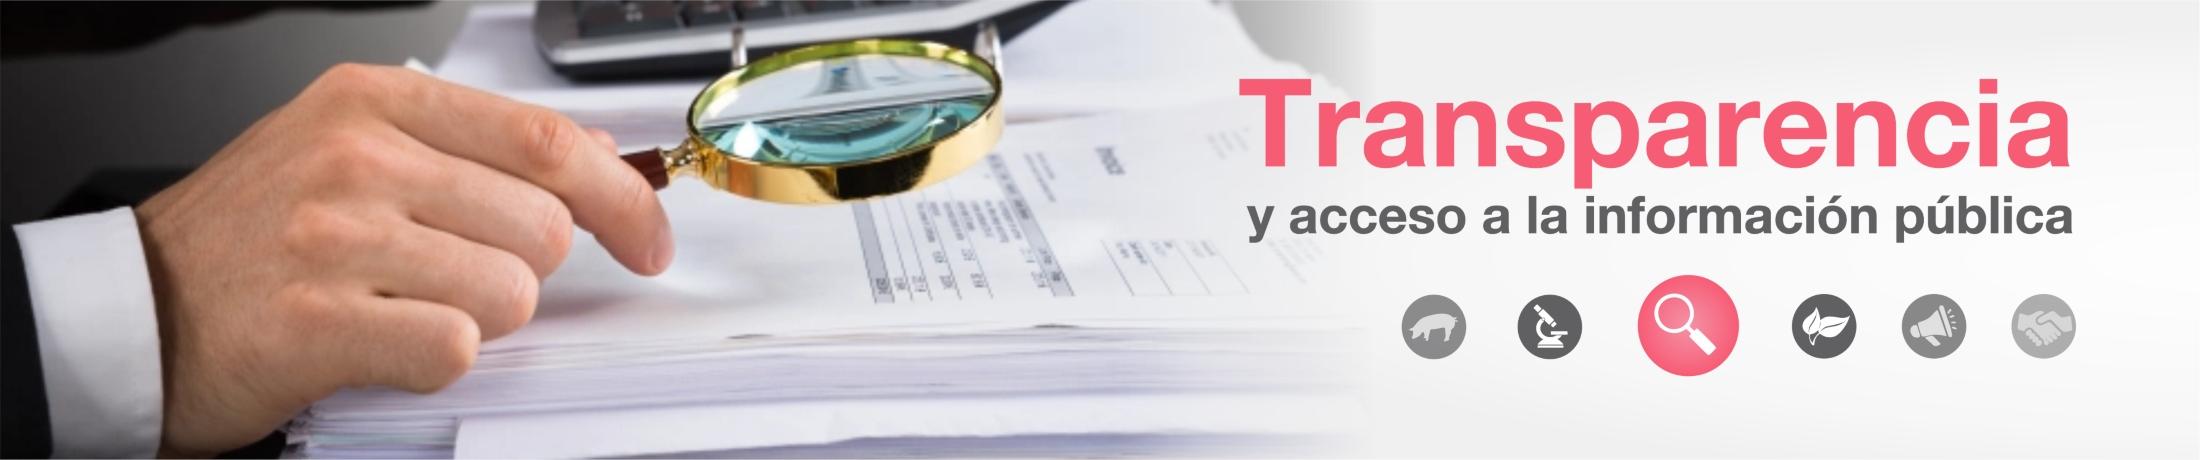 https://www.porkcolombia.co/wp-content/uploads/2020/07/Ley-de-Transparencia-y-Acceso-a-la-Información-Pública-Porkcolombia.jpg